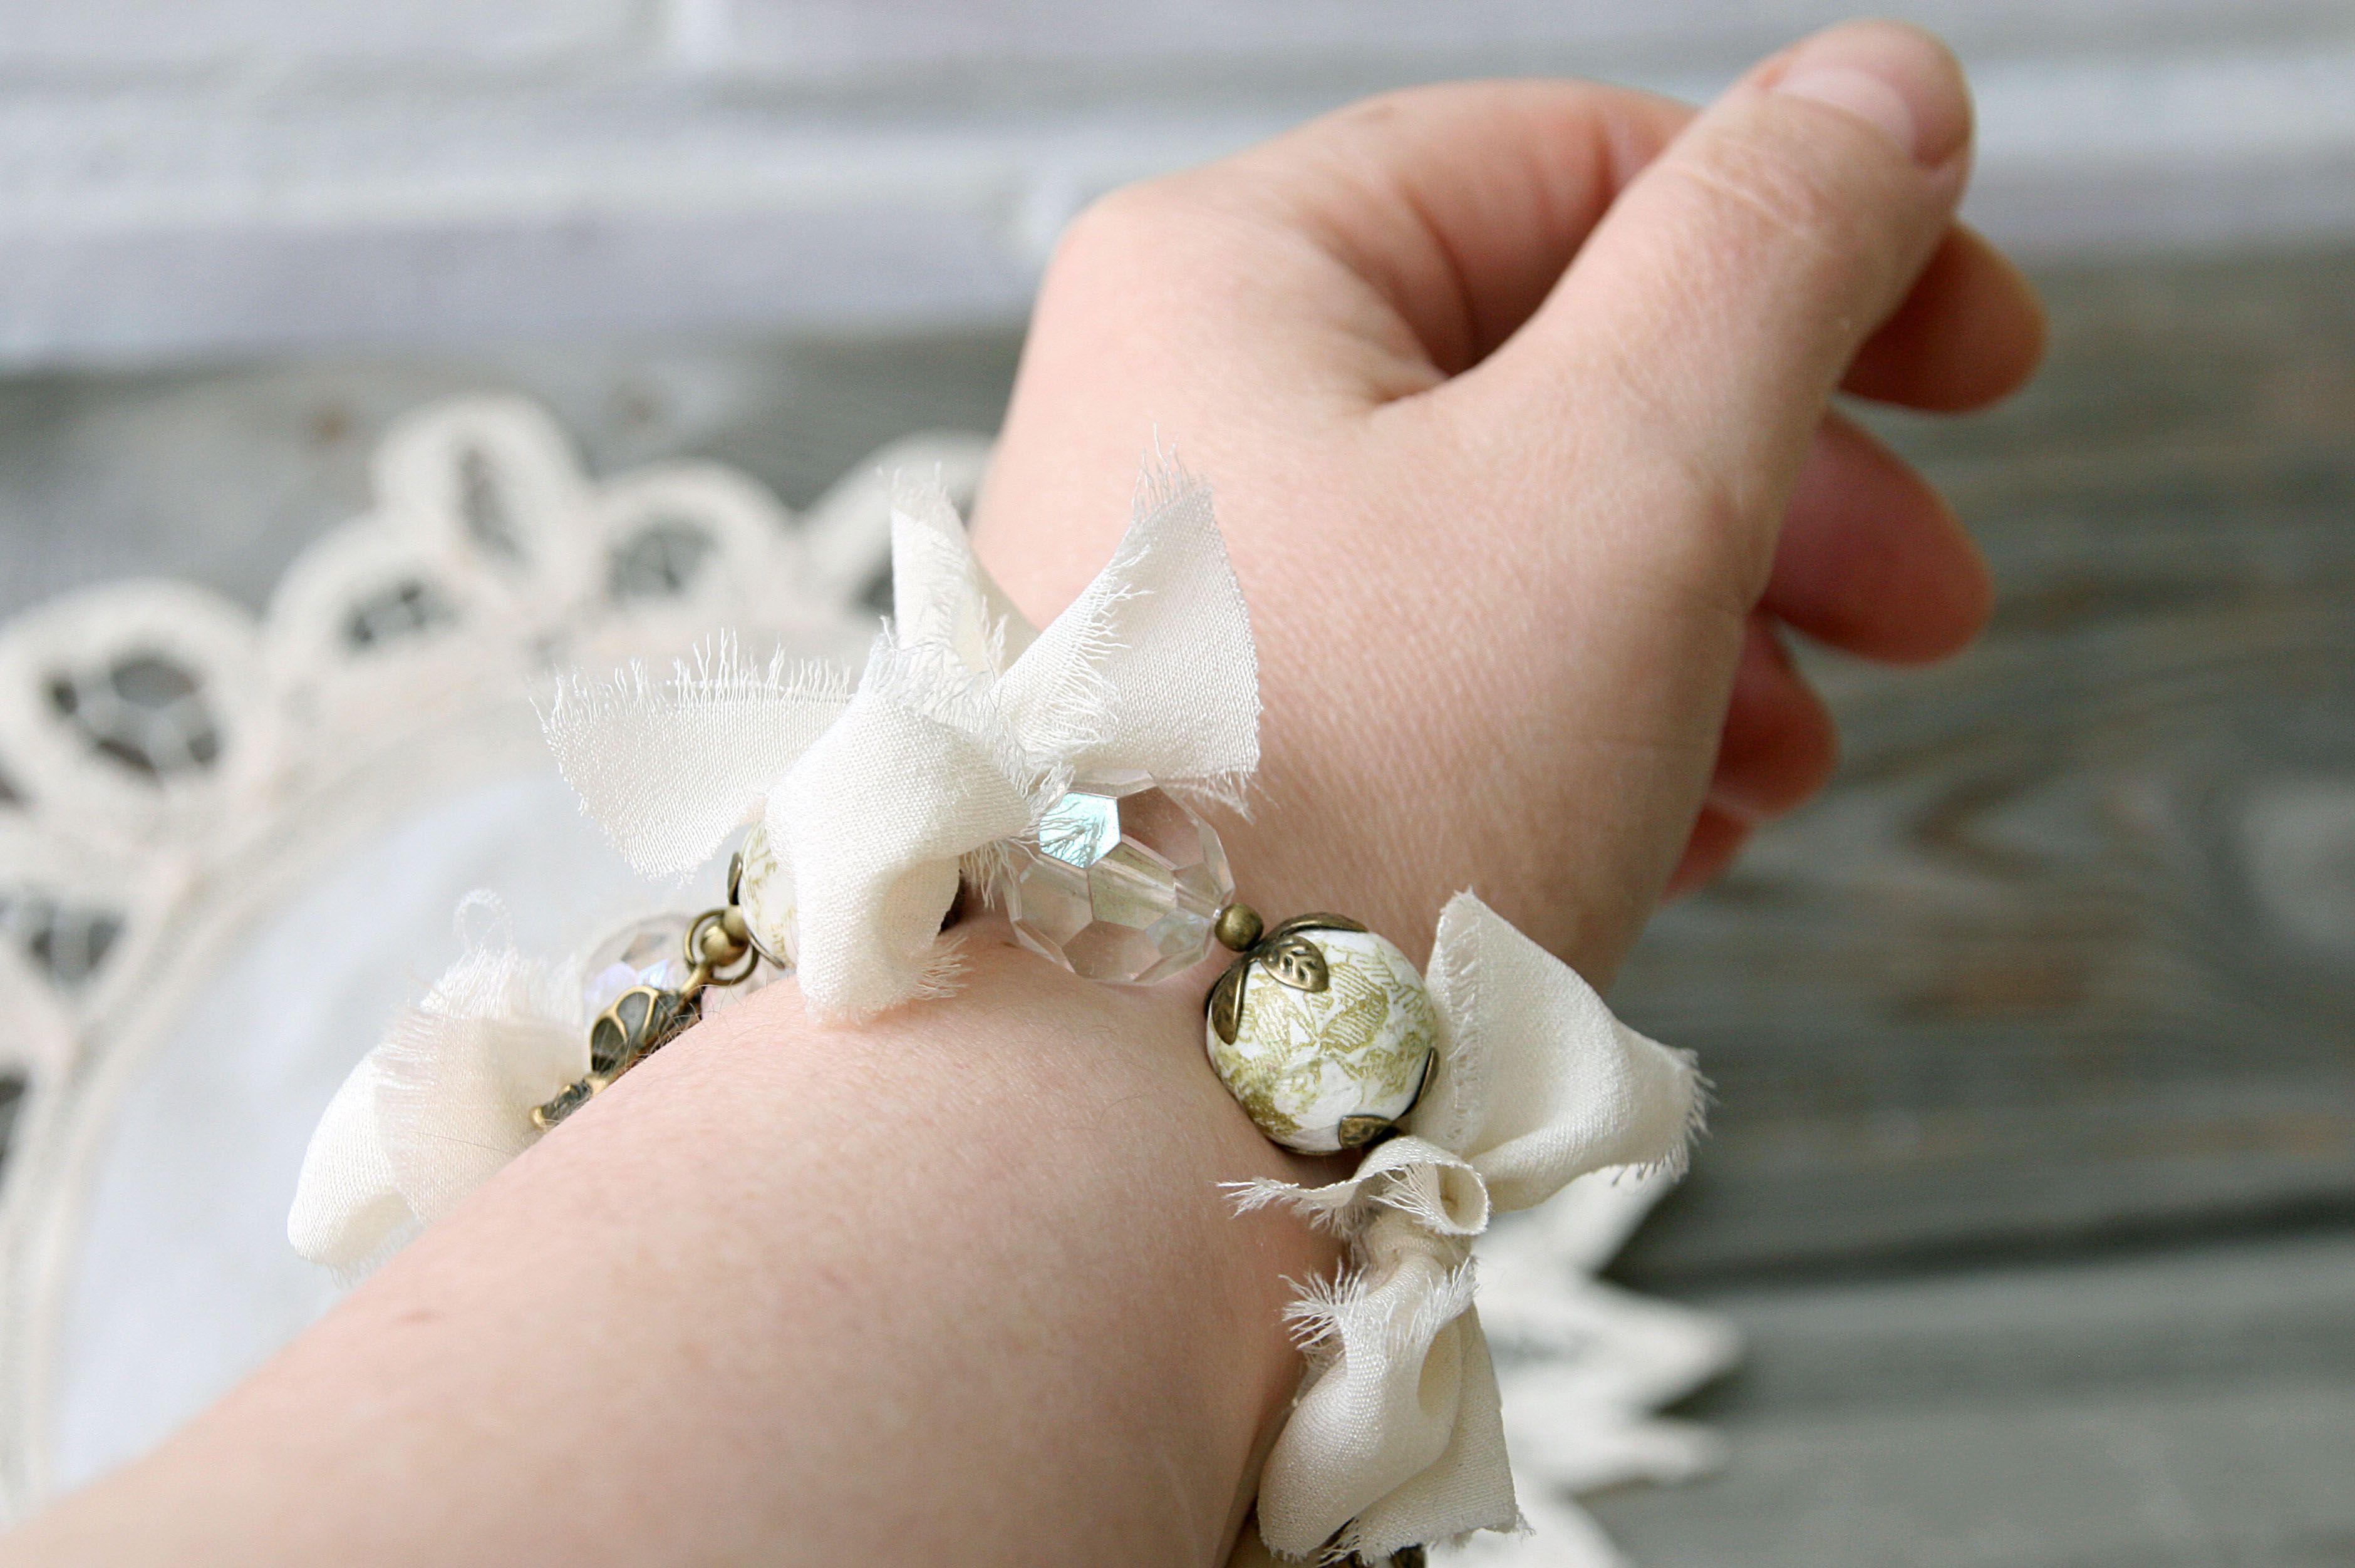 бронзовый ретро романтический винтаж цветение украшение браслет золотистый белый